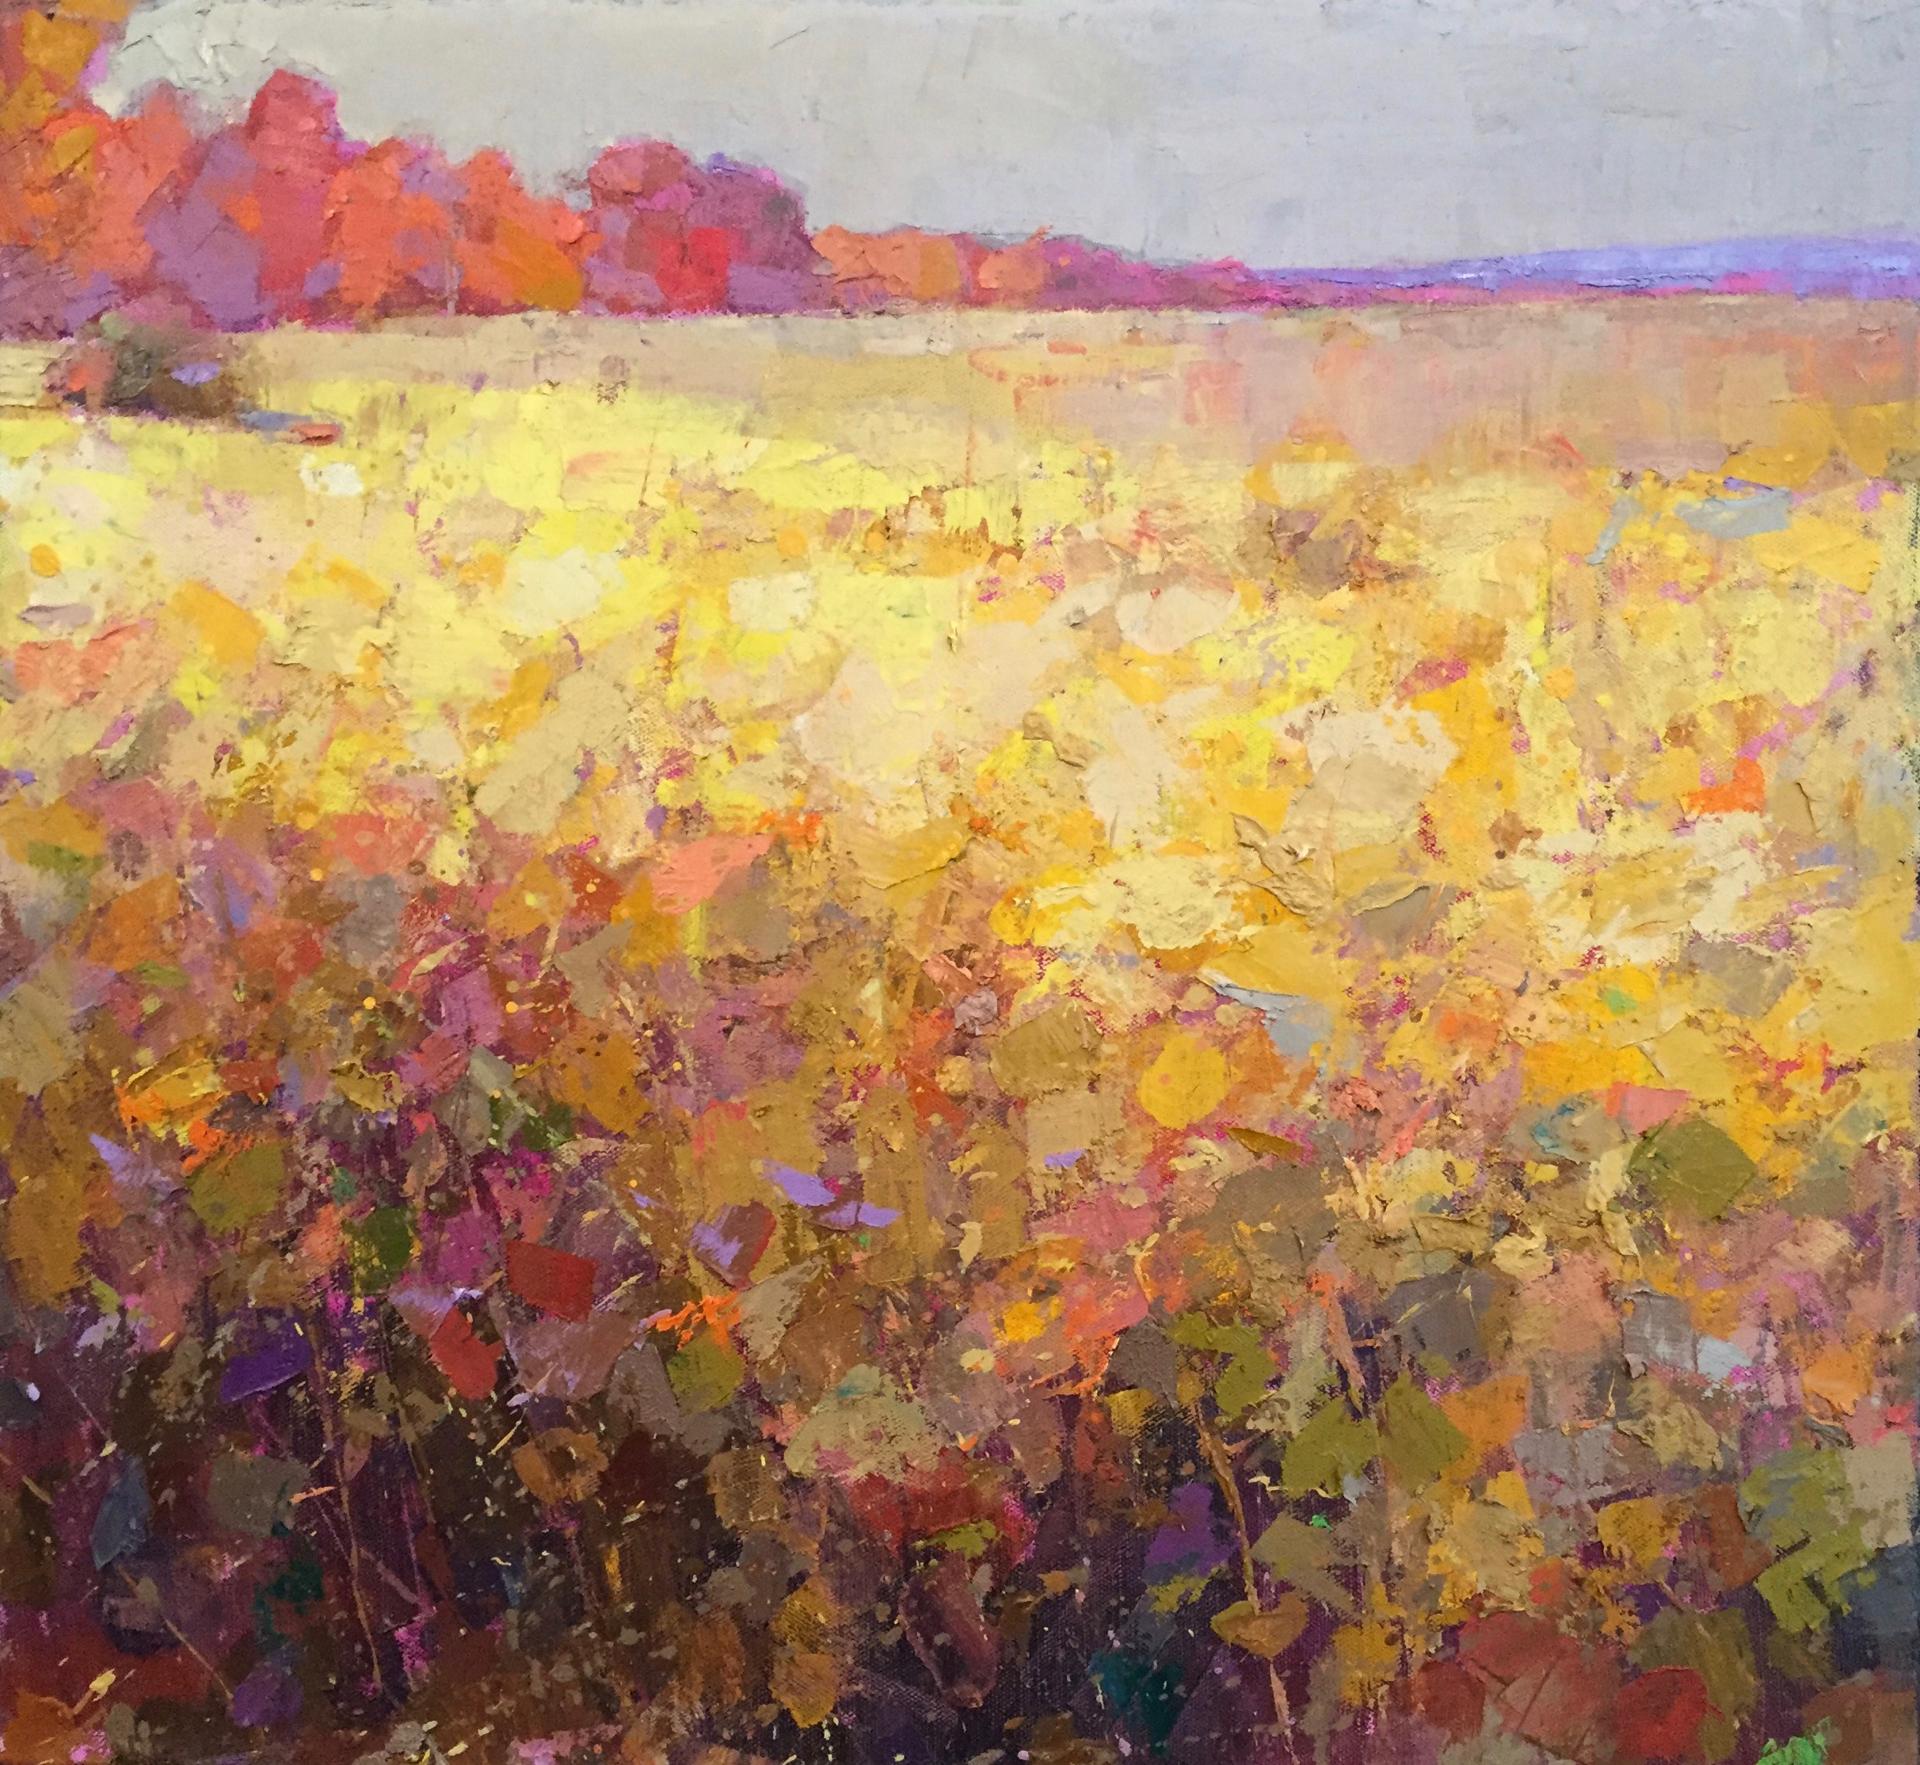 Field in Yellow by Larry Horowitz